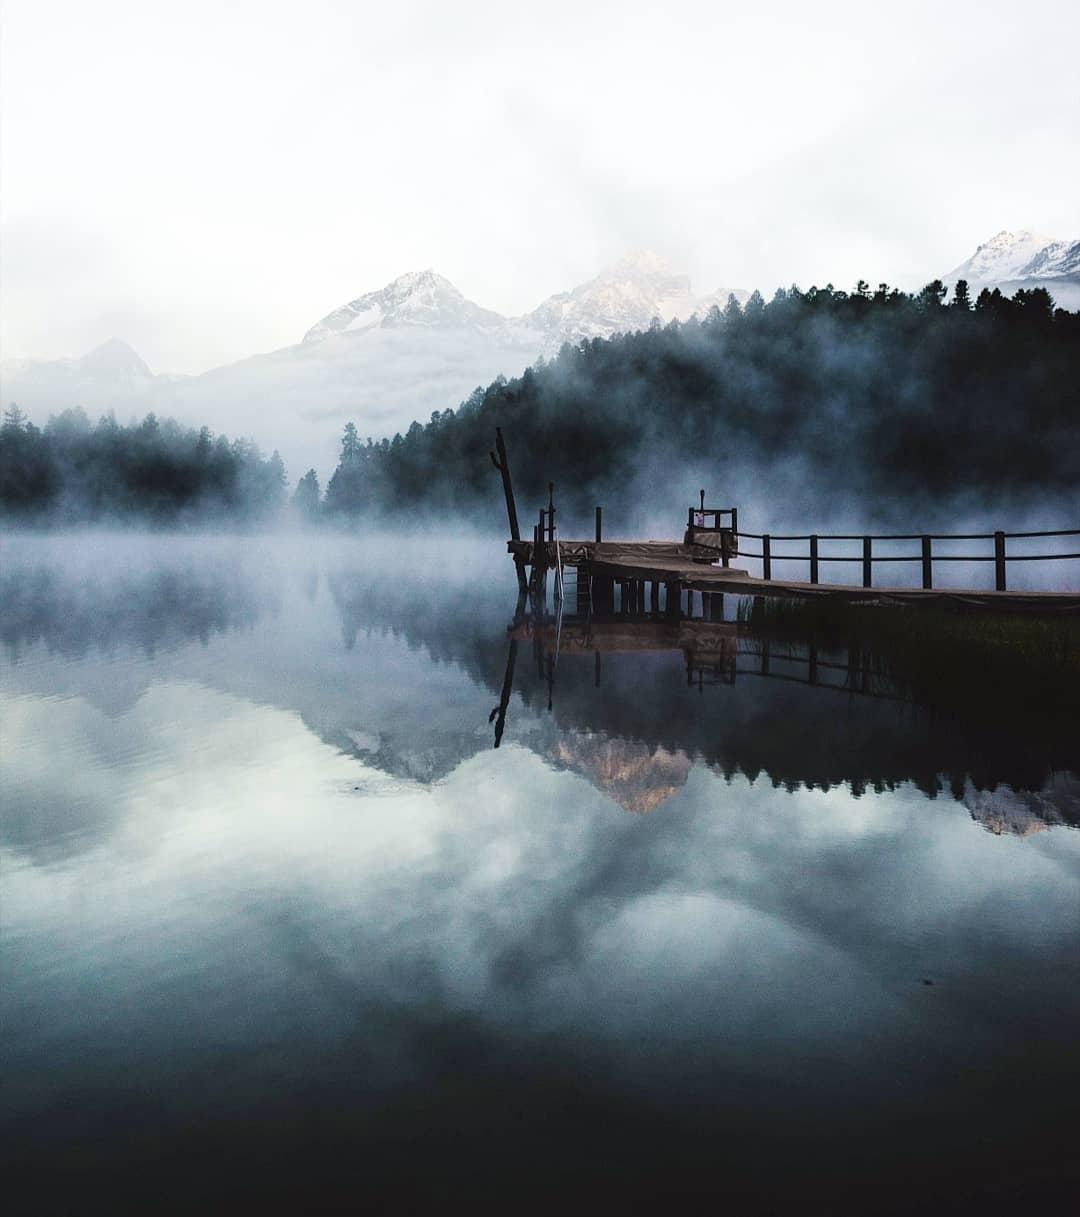 Путешествия и приключения на снимках Андри Лаукаса (25 фото)